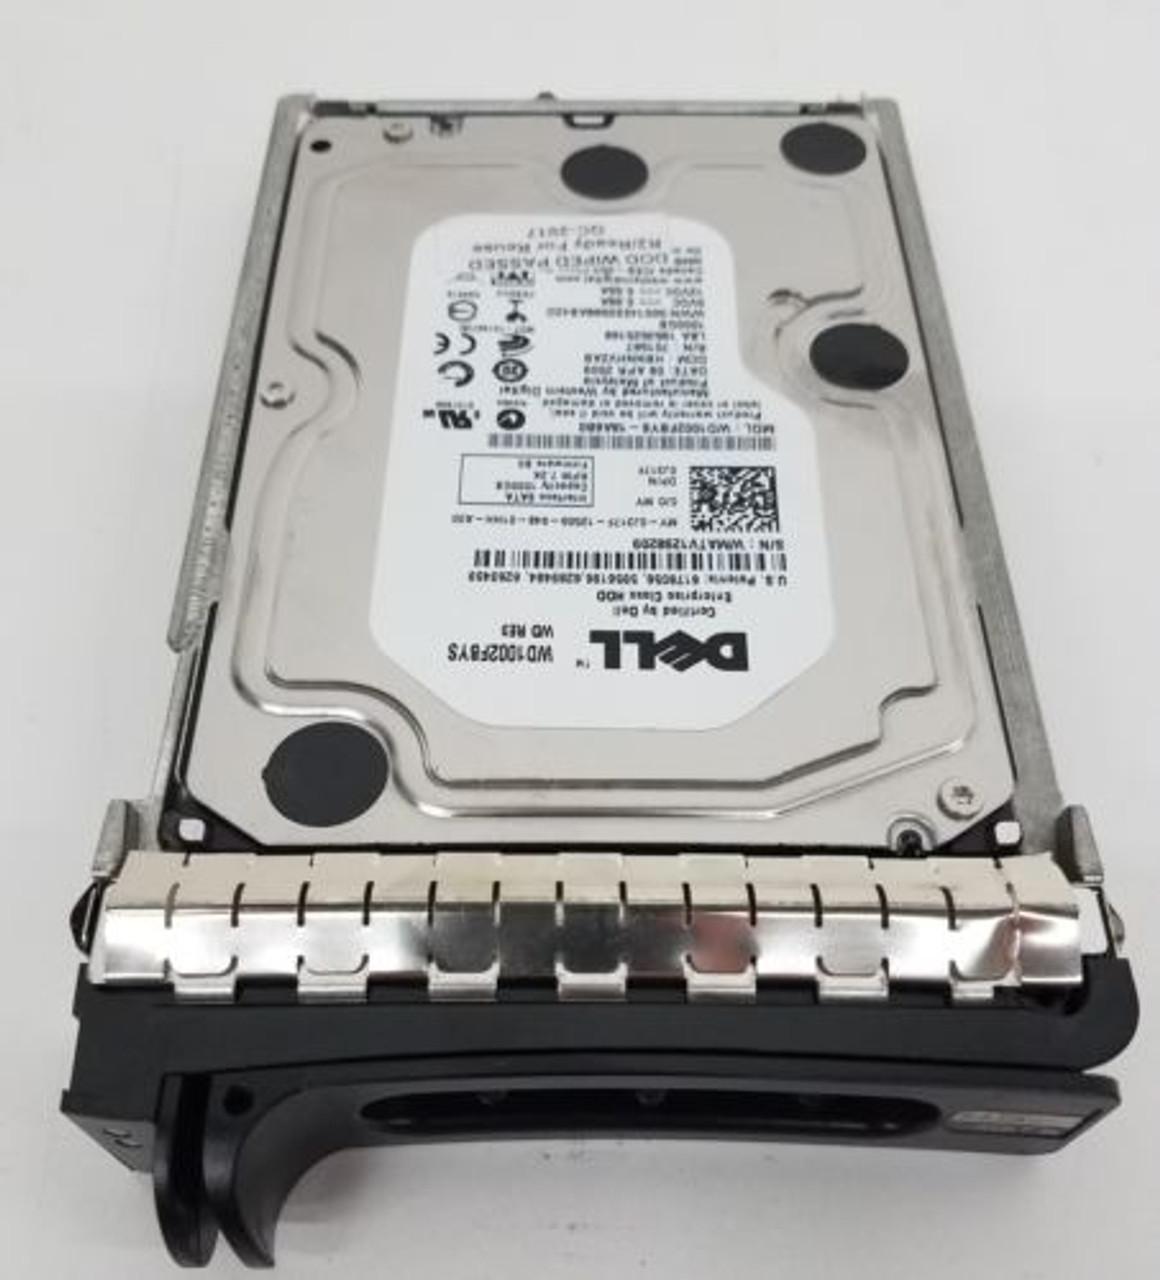 Dell J317F 1TB SATA 3.5 7200 Hard drive WD1002FBYS